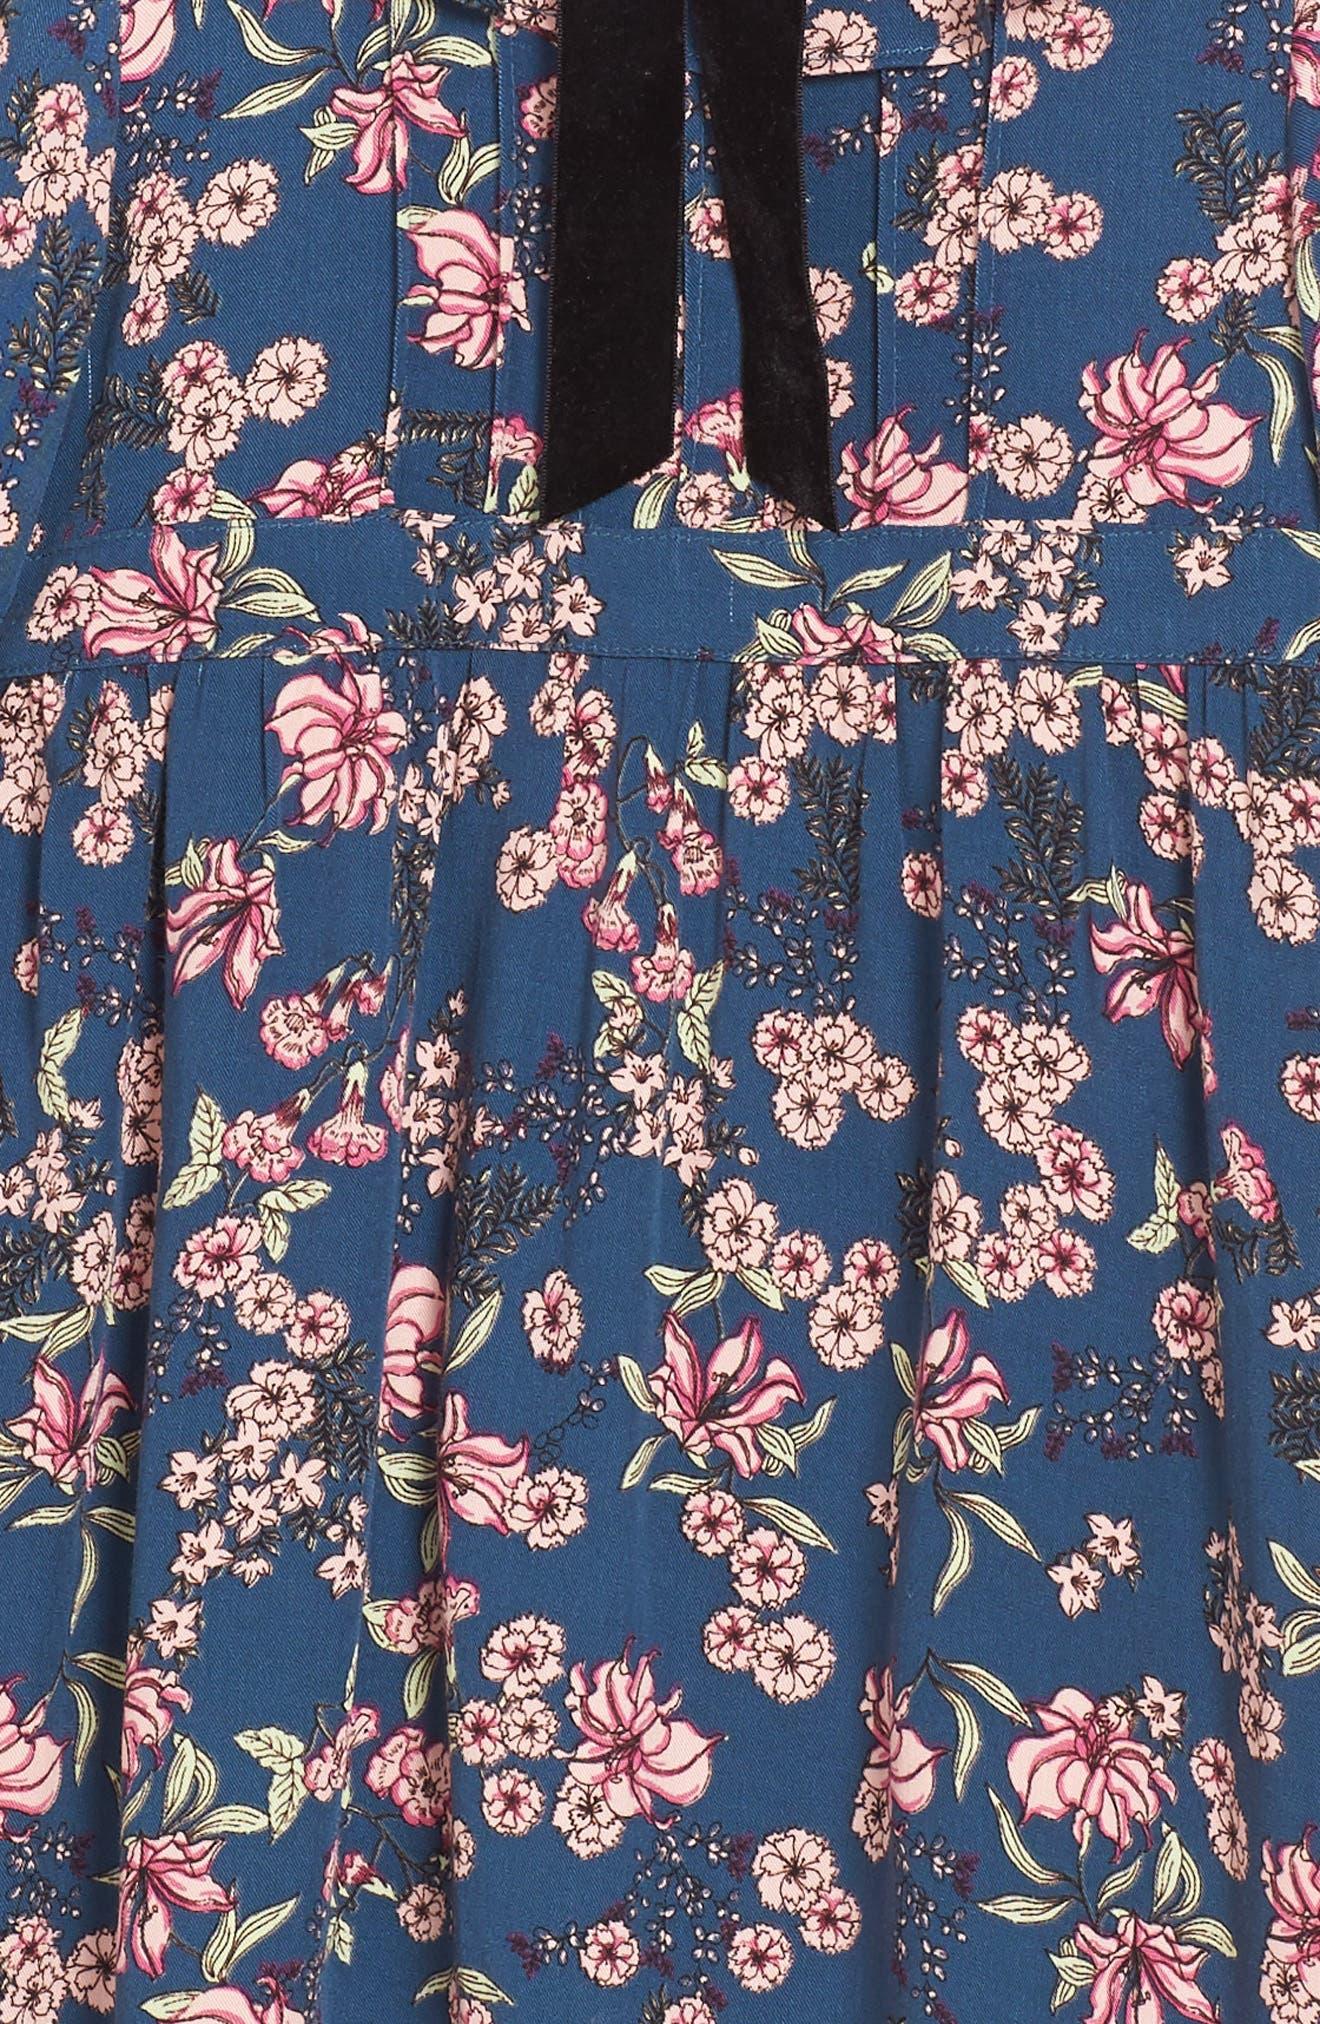 For Love & Lemons Juniper Floral Bell Sleeve Dress,                             Alternate thumbnail 3, color,                             410